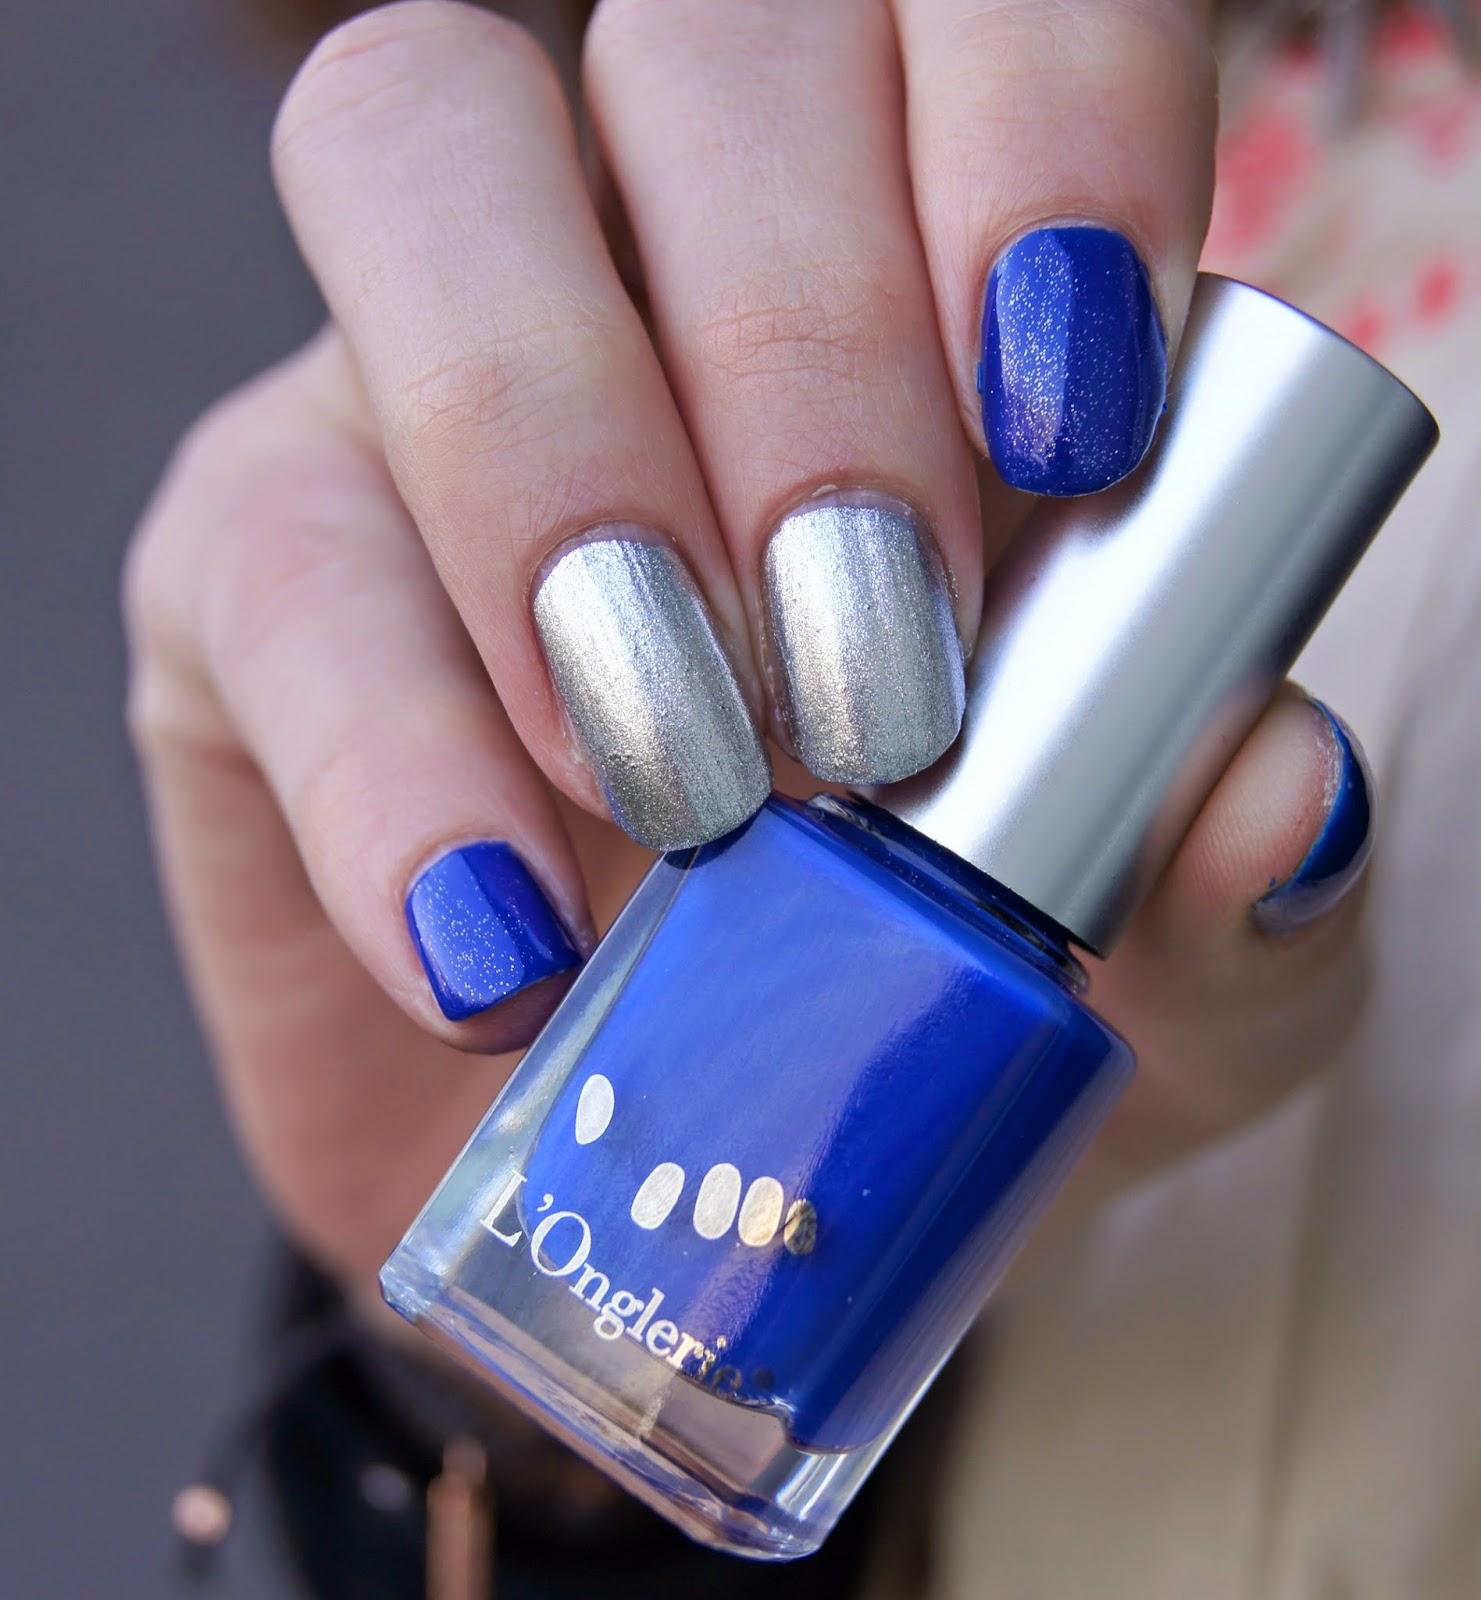 onglerie bleu lisa